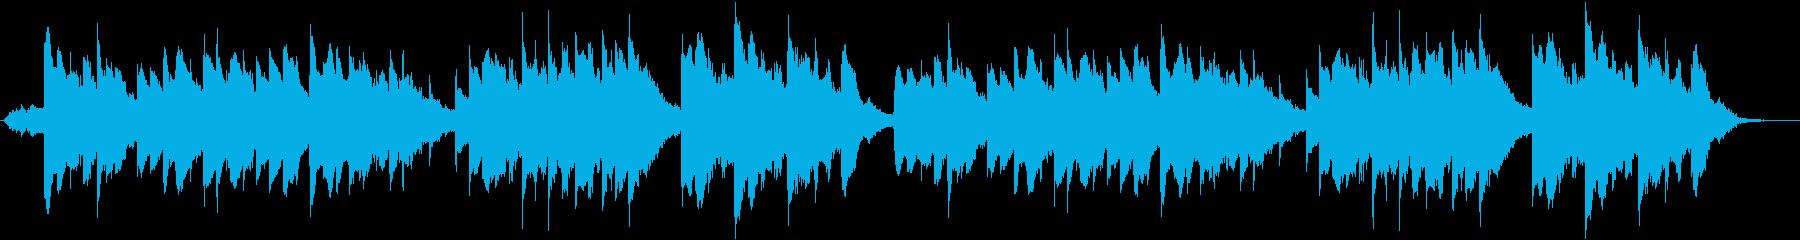 ロマンチック エレガント な ピアノの再生済みの波形